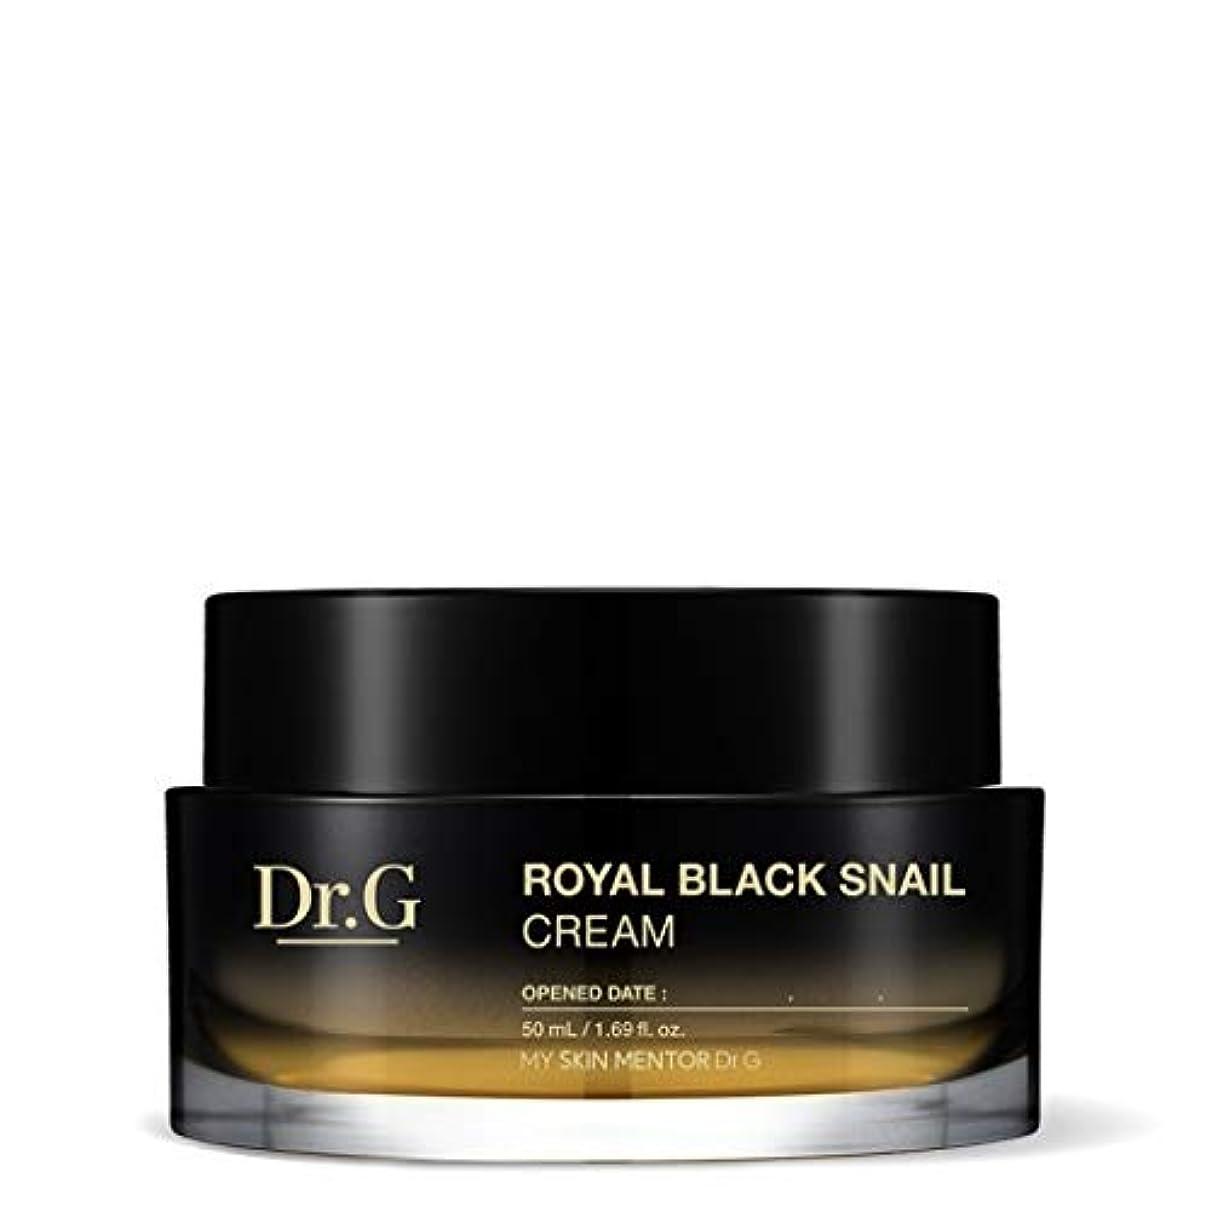 沈黙震える解任[Dr.Gドクタージー] ロイヤルブラックスネイルクリーム 50ml / Royal Black Snail Cream